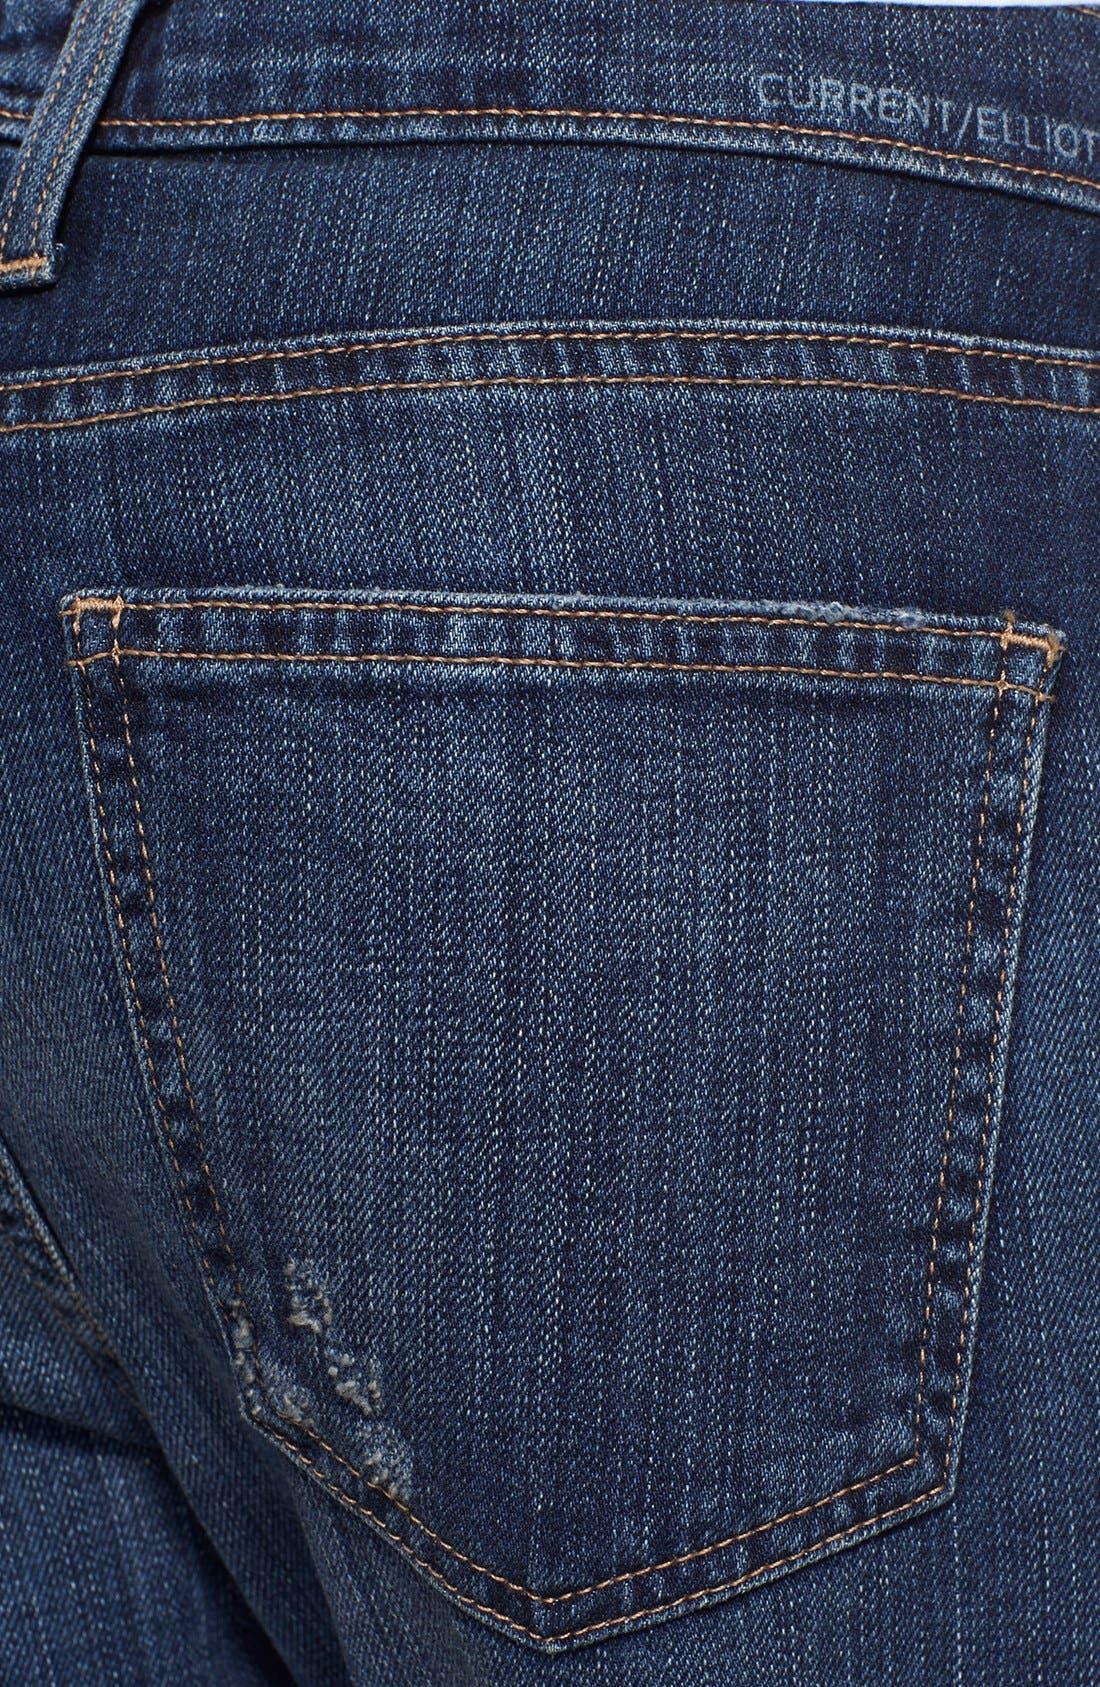 'The Fling' Boyfriend Jeans,                             Alternate thumbnail 4, color,                             465